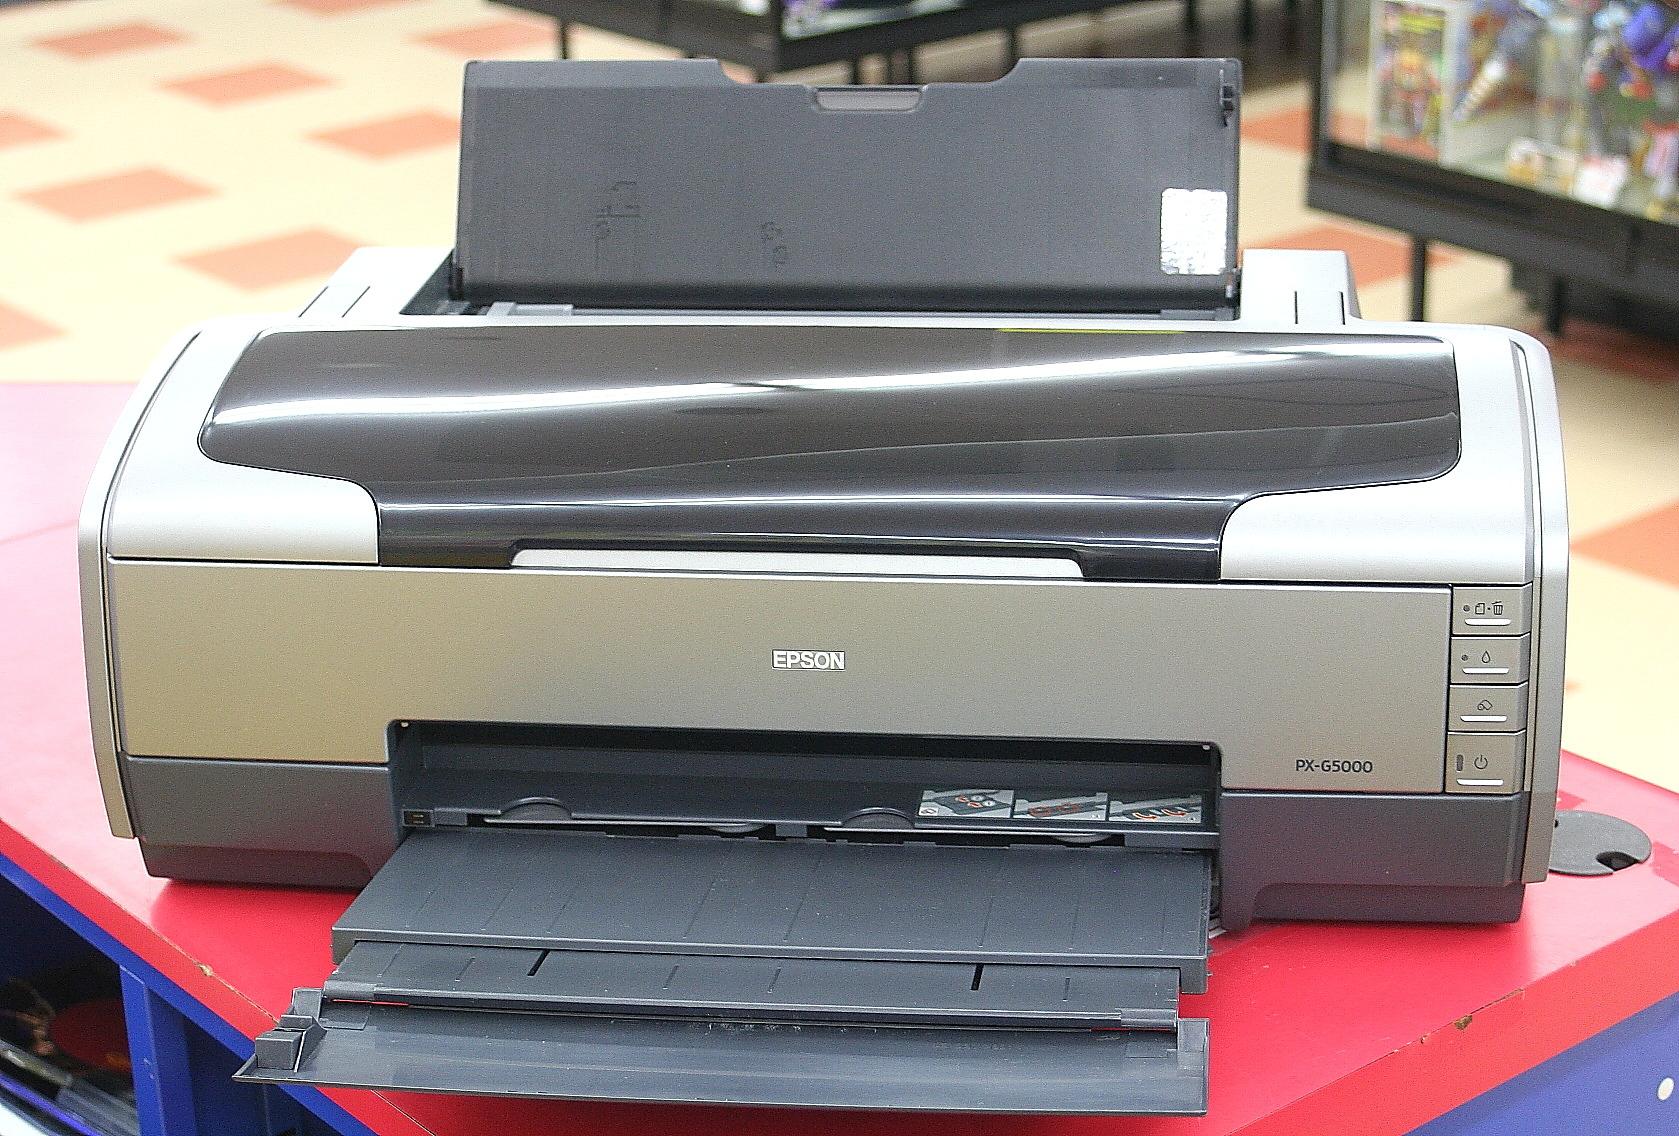 EPSON プリンター PX-G5000